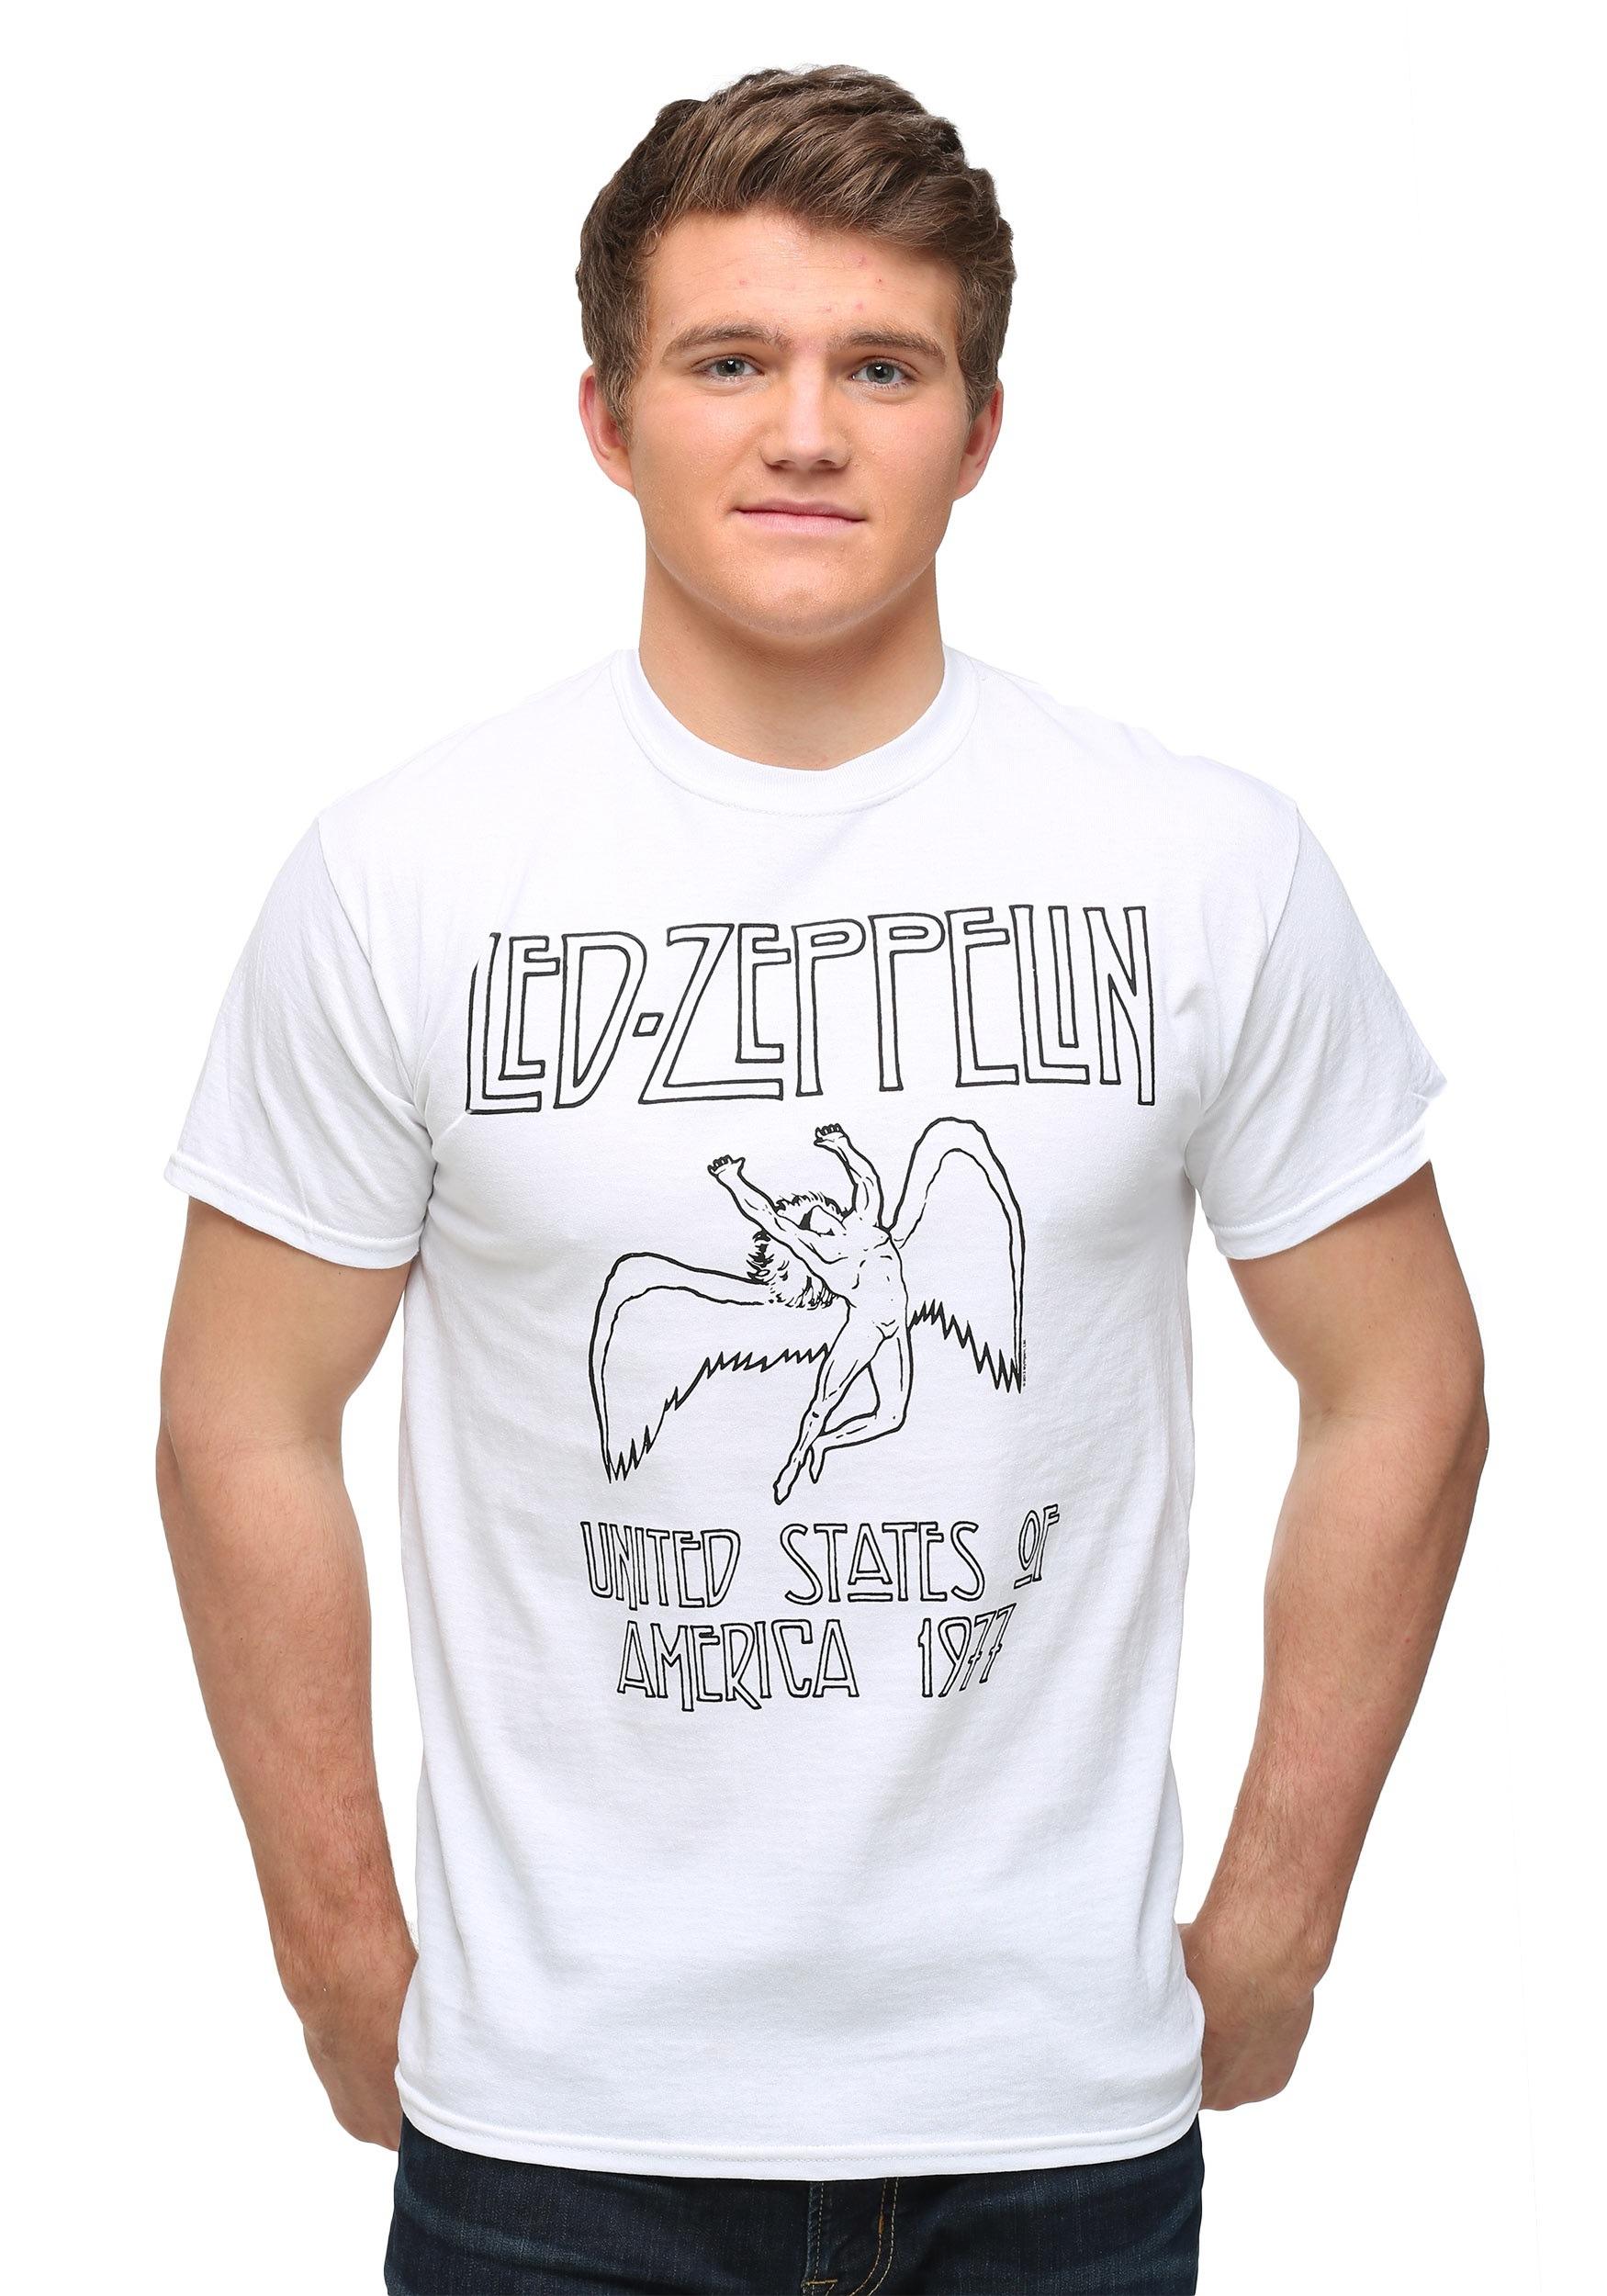 c97066401 led-zeppelin-white-icarus-t-shirt.jpg